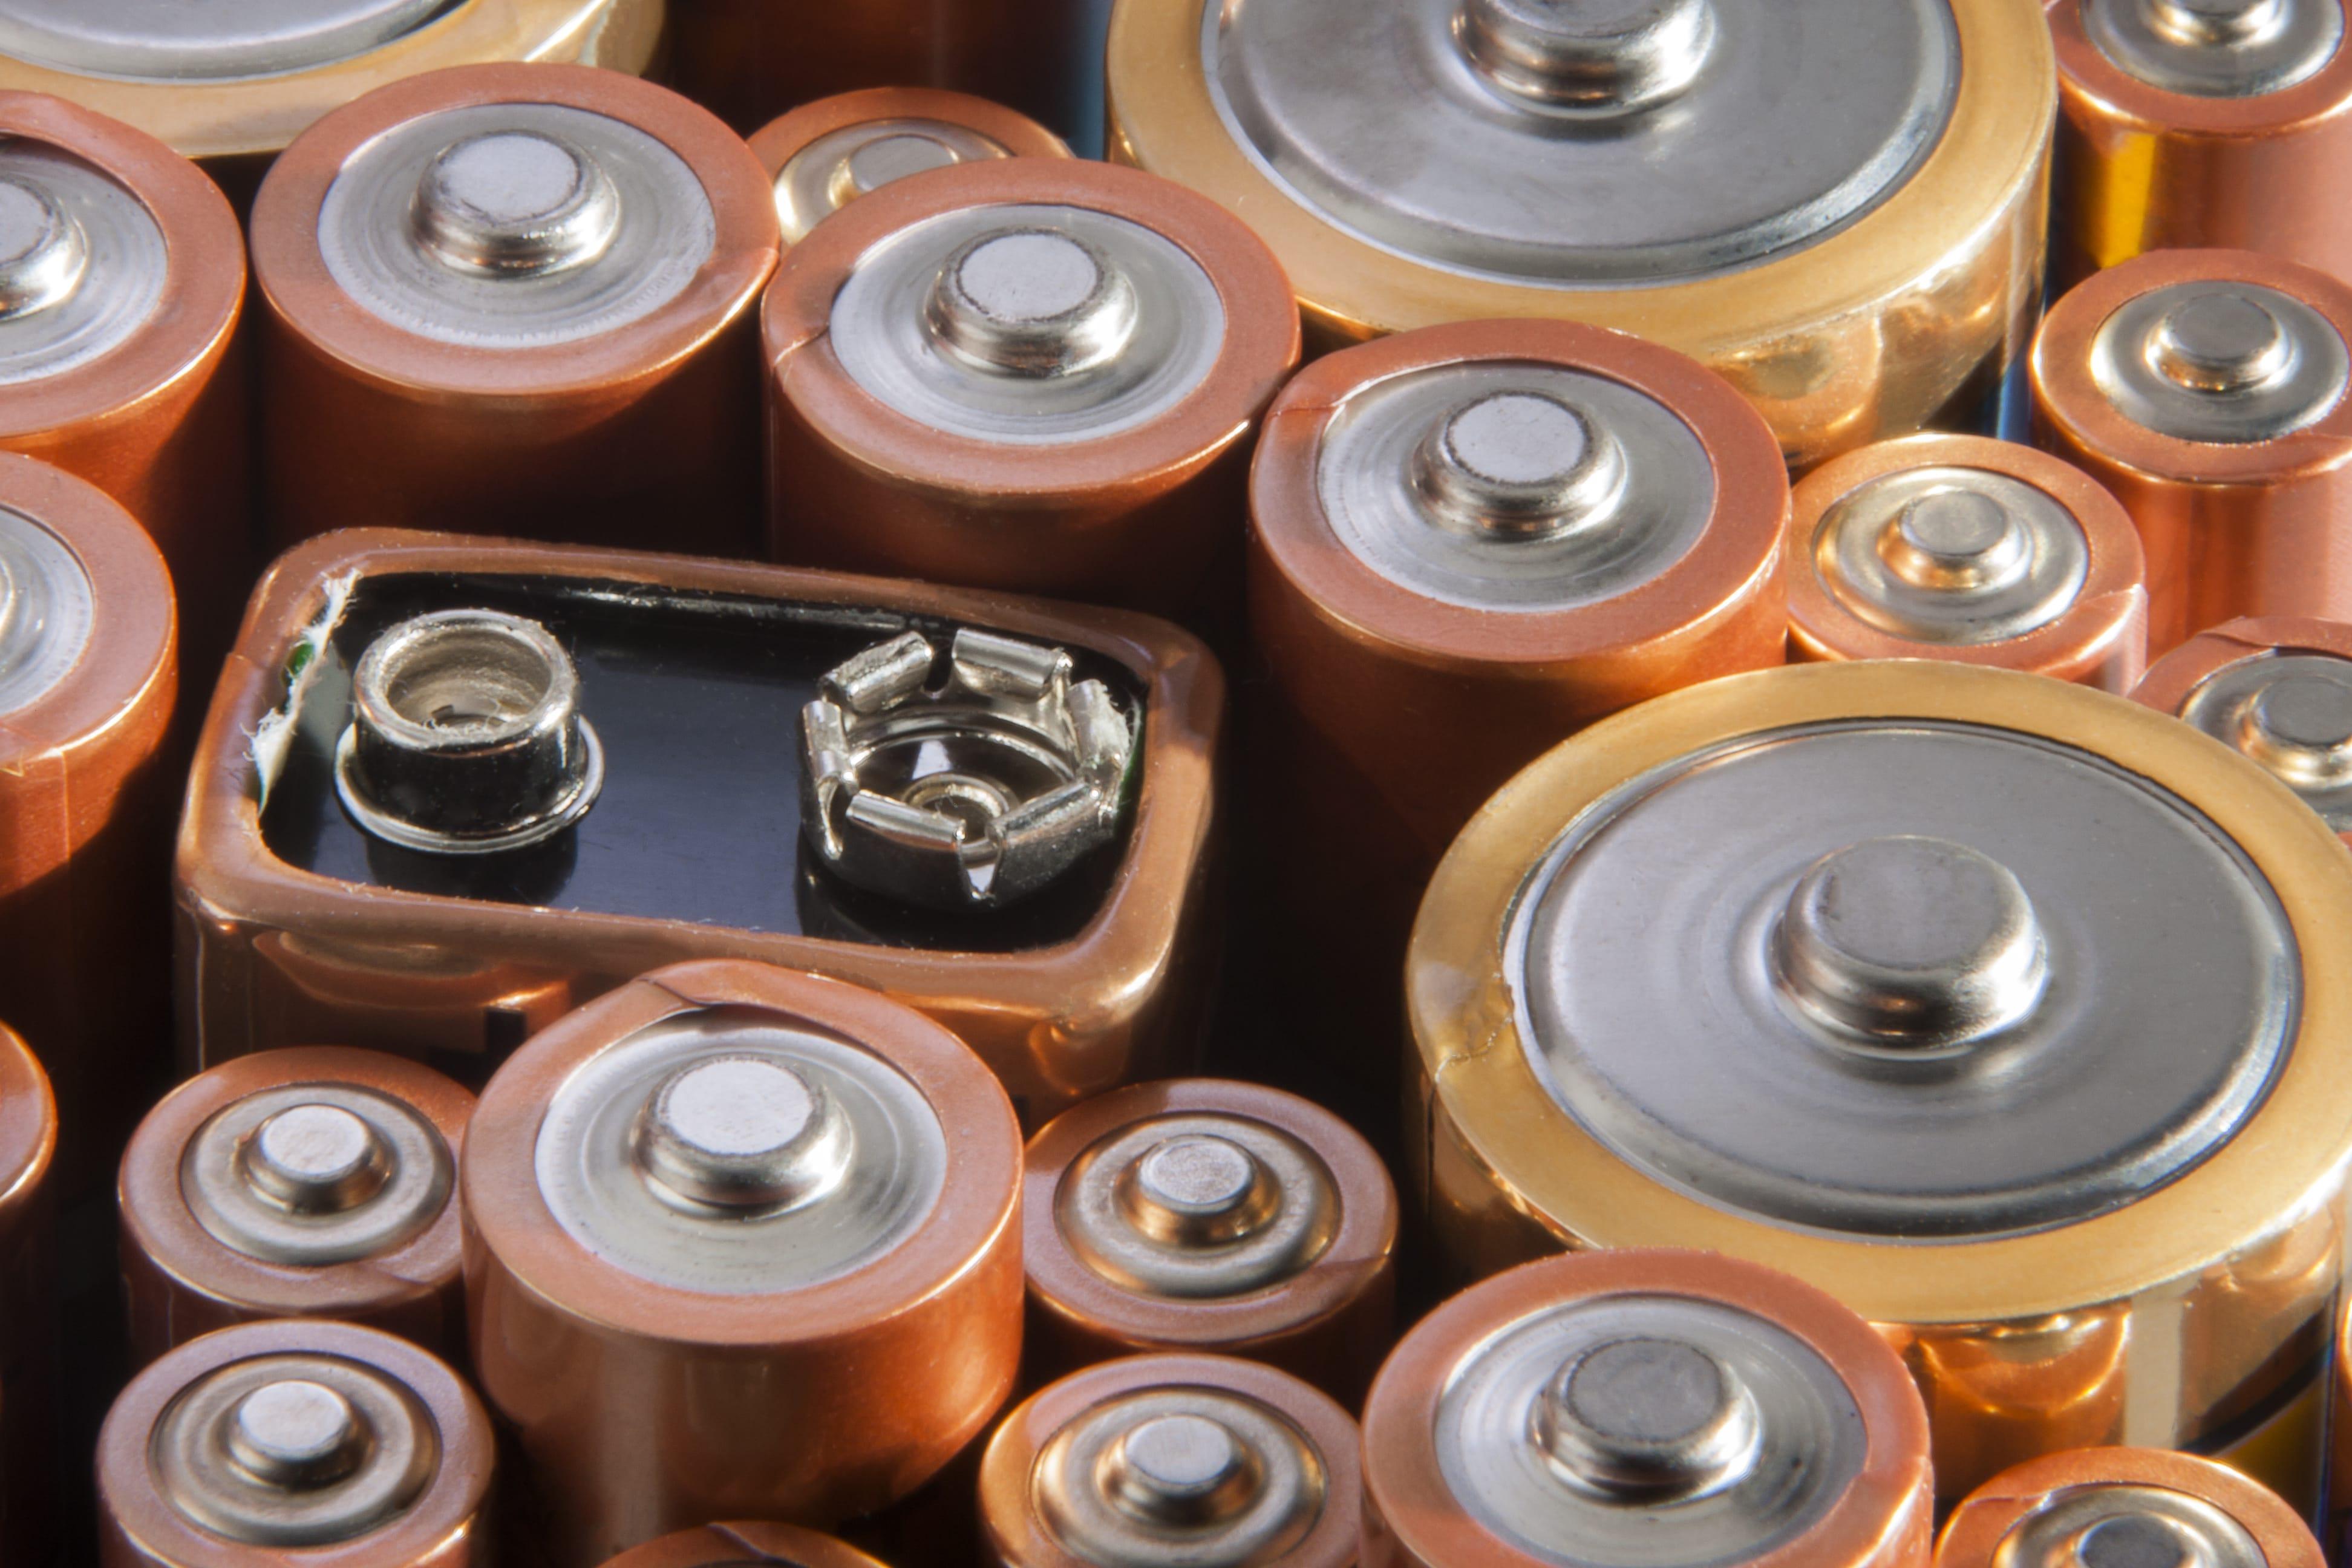 Bosch Kühlschrank Abstand Zur Wand : Kühlschrank richtig aufstellen so wird s gemacht